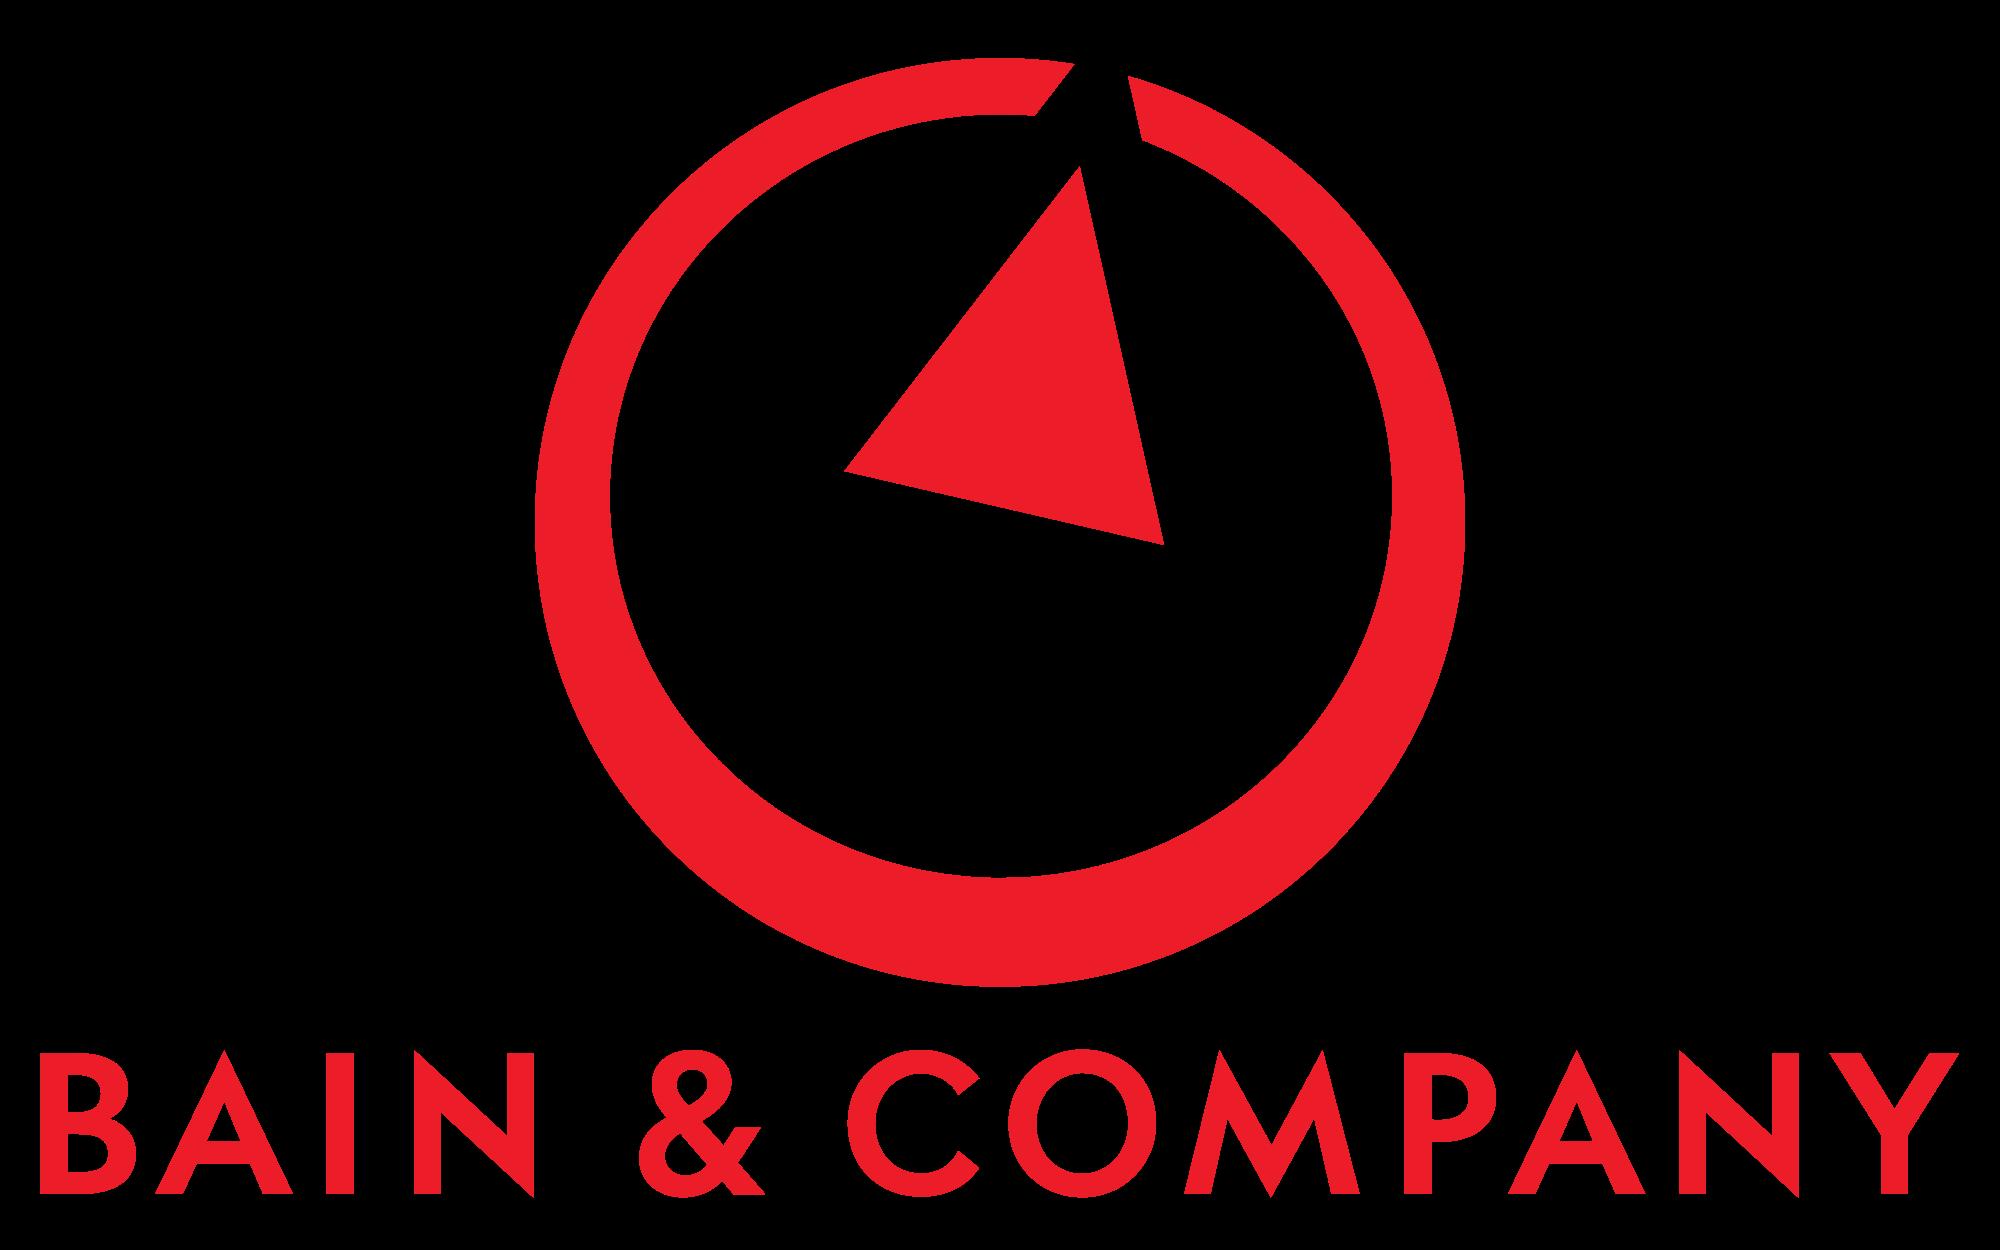 LOGO Bain and Company